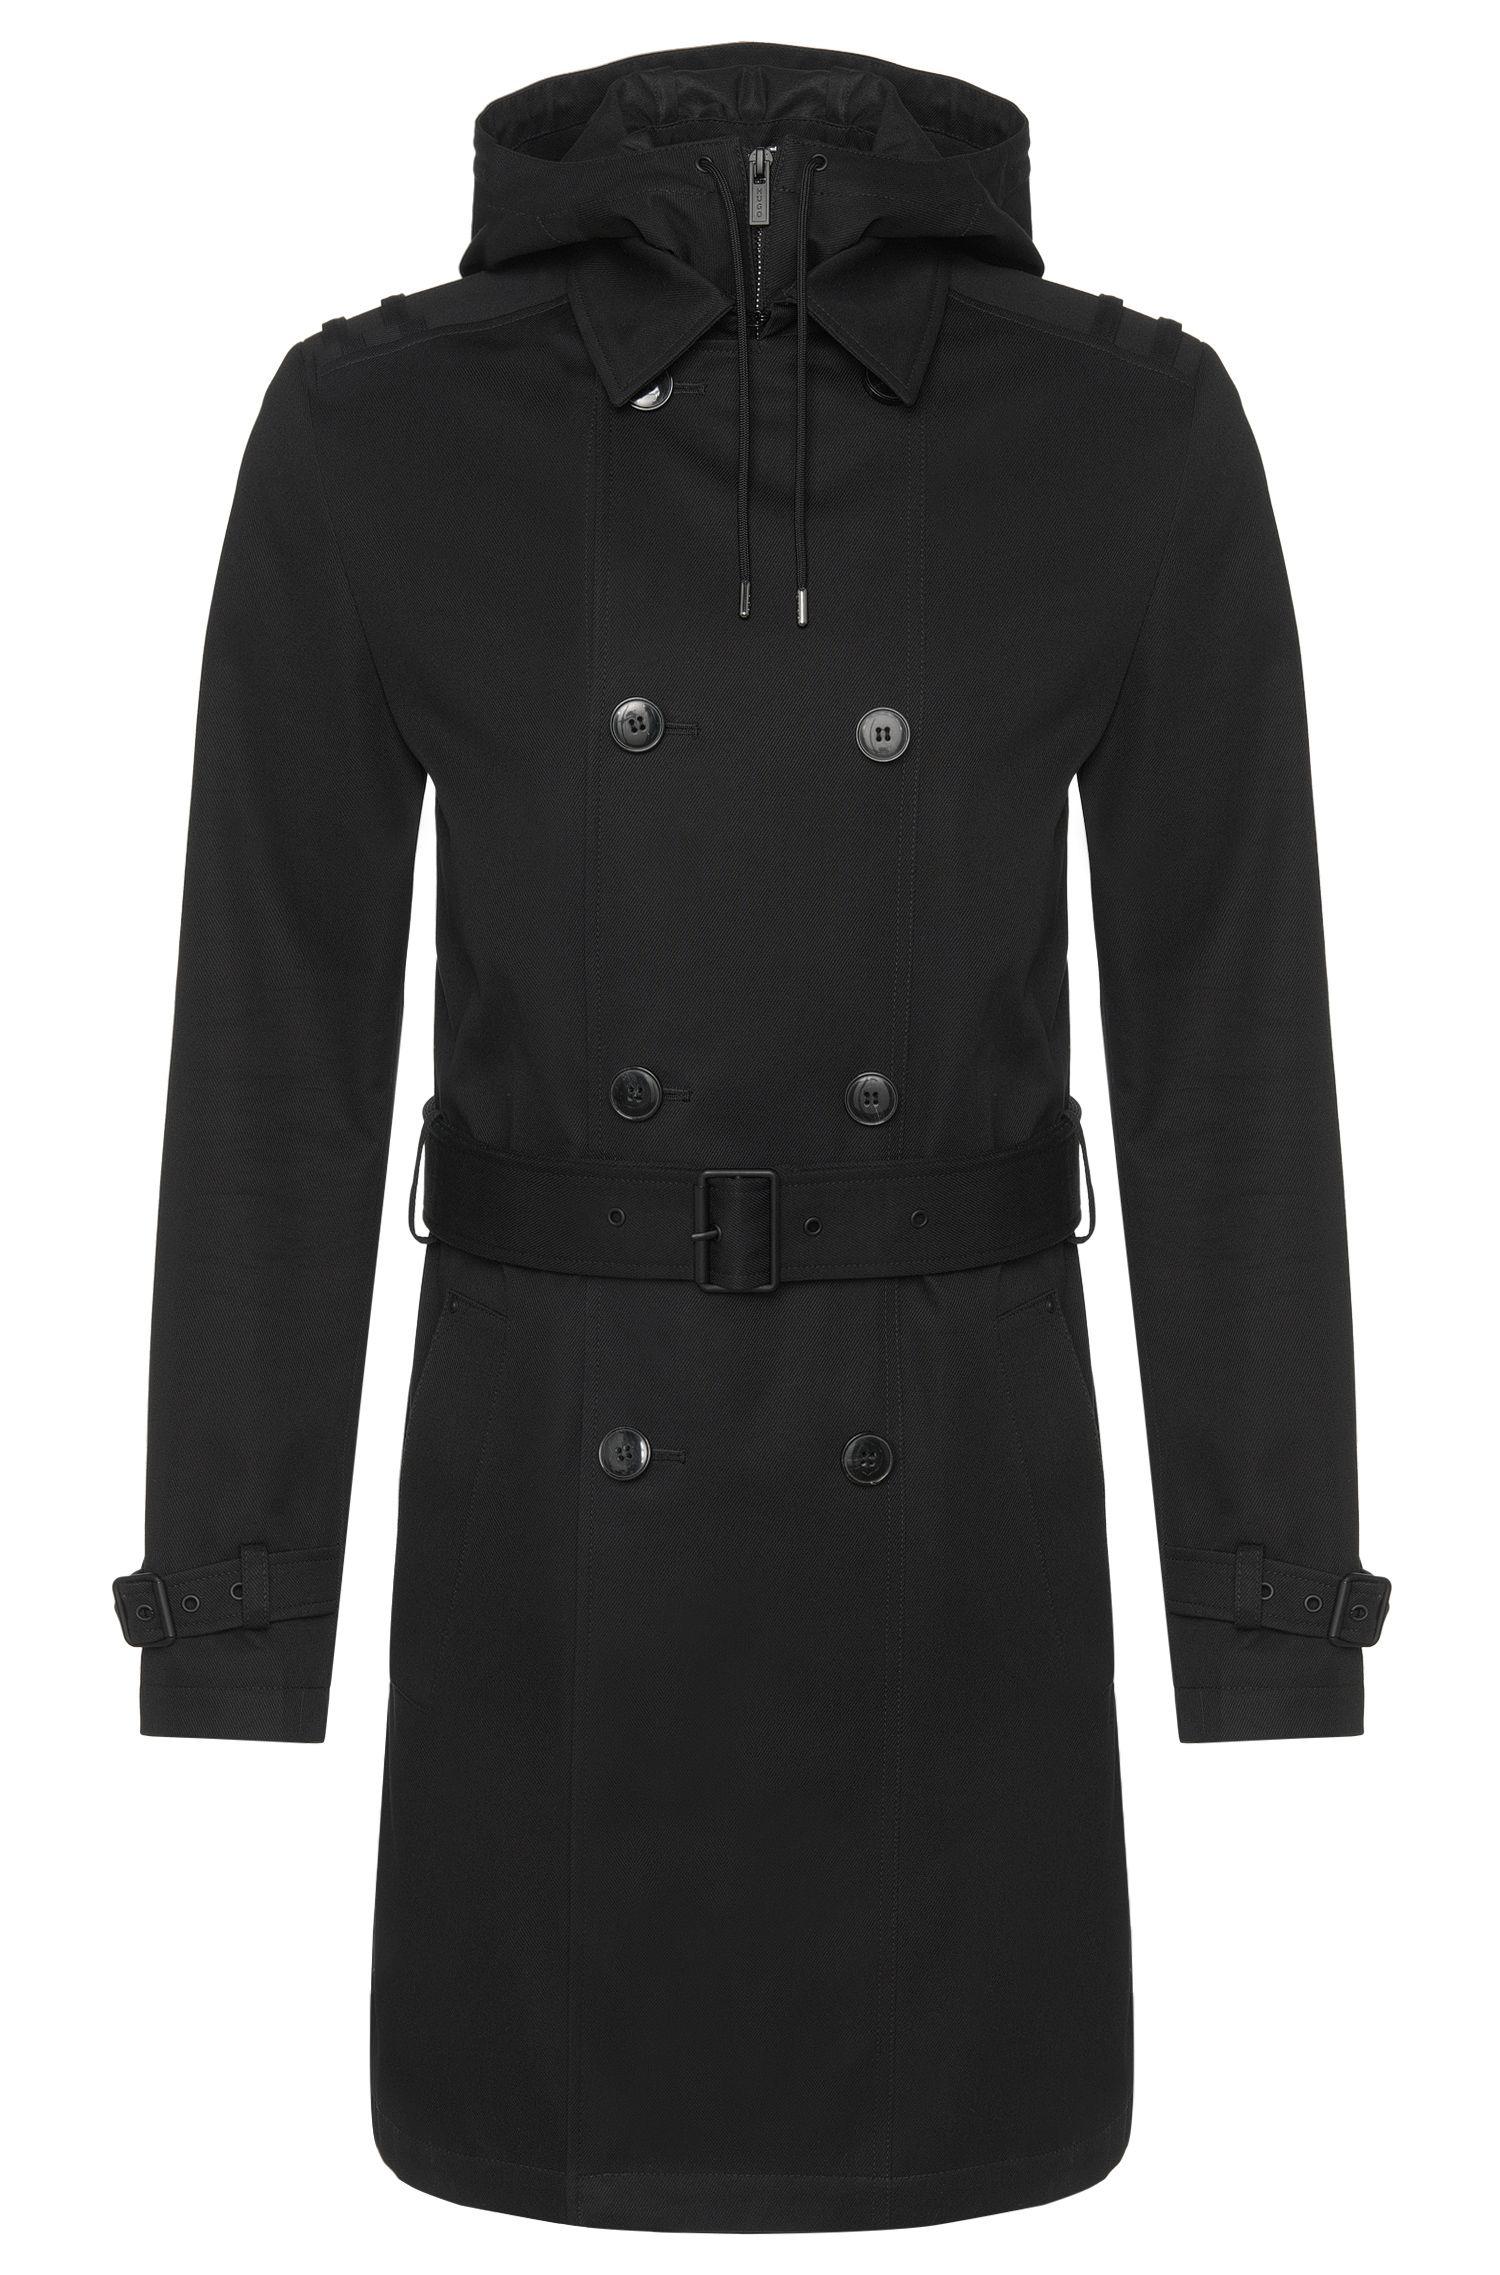 Mantel aus Baumwolle im Trenchcoat-Stil mit heraustrennbarer Kapuze: 'Mentox1'